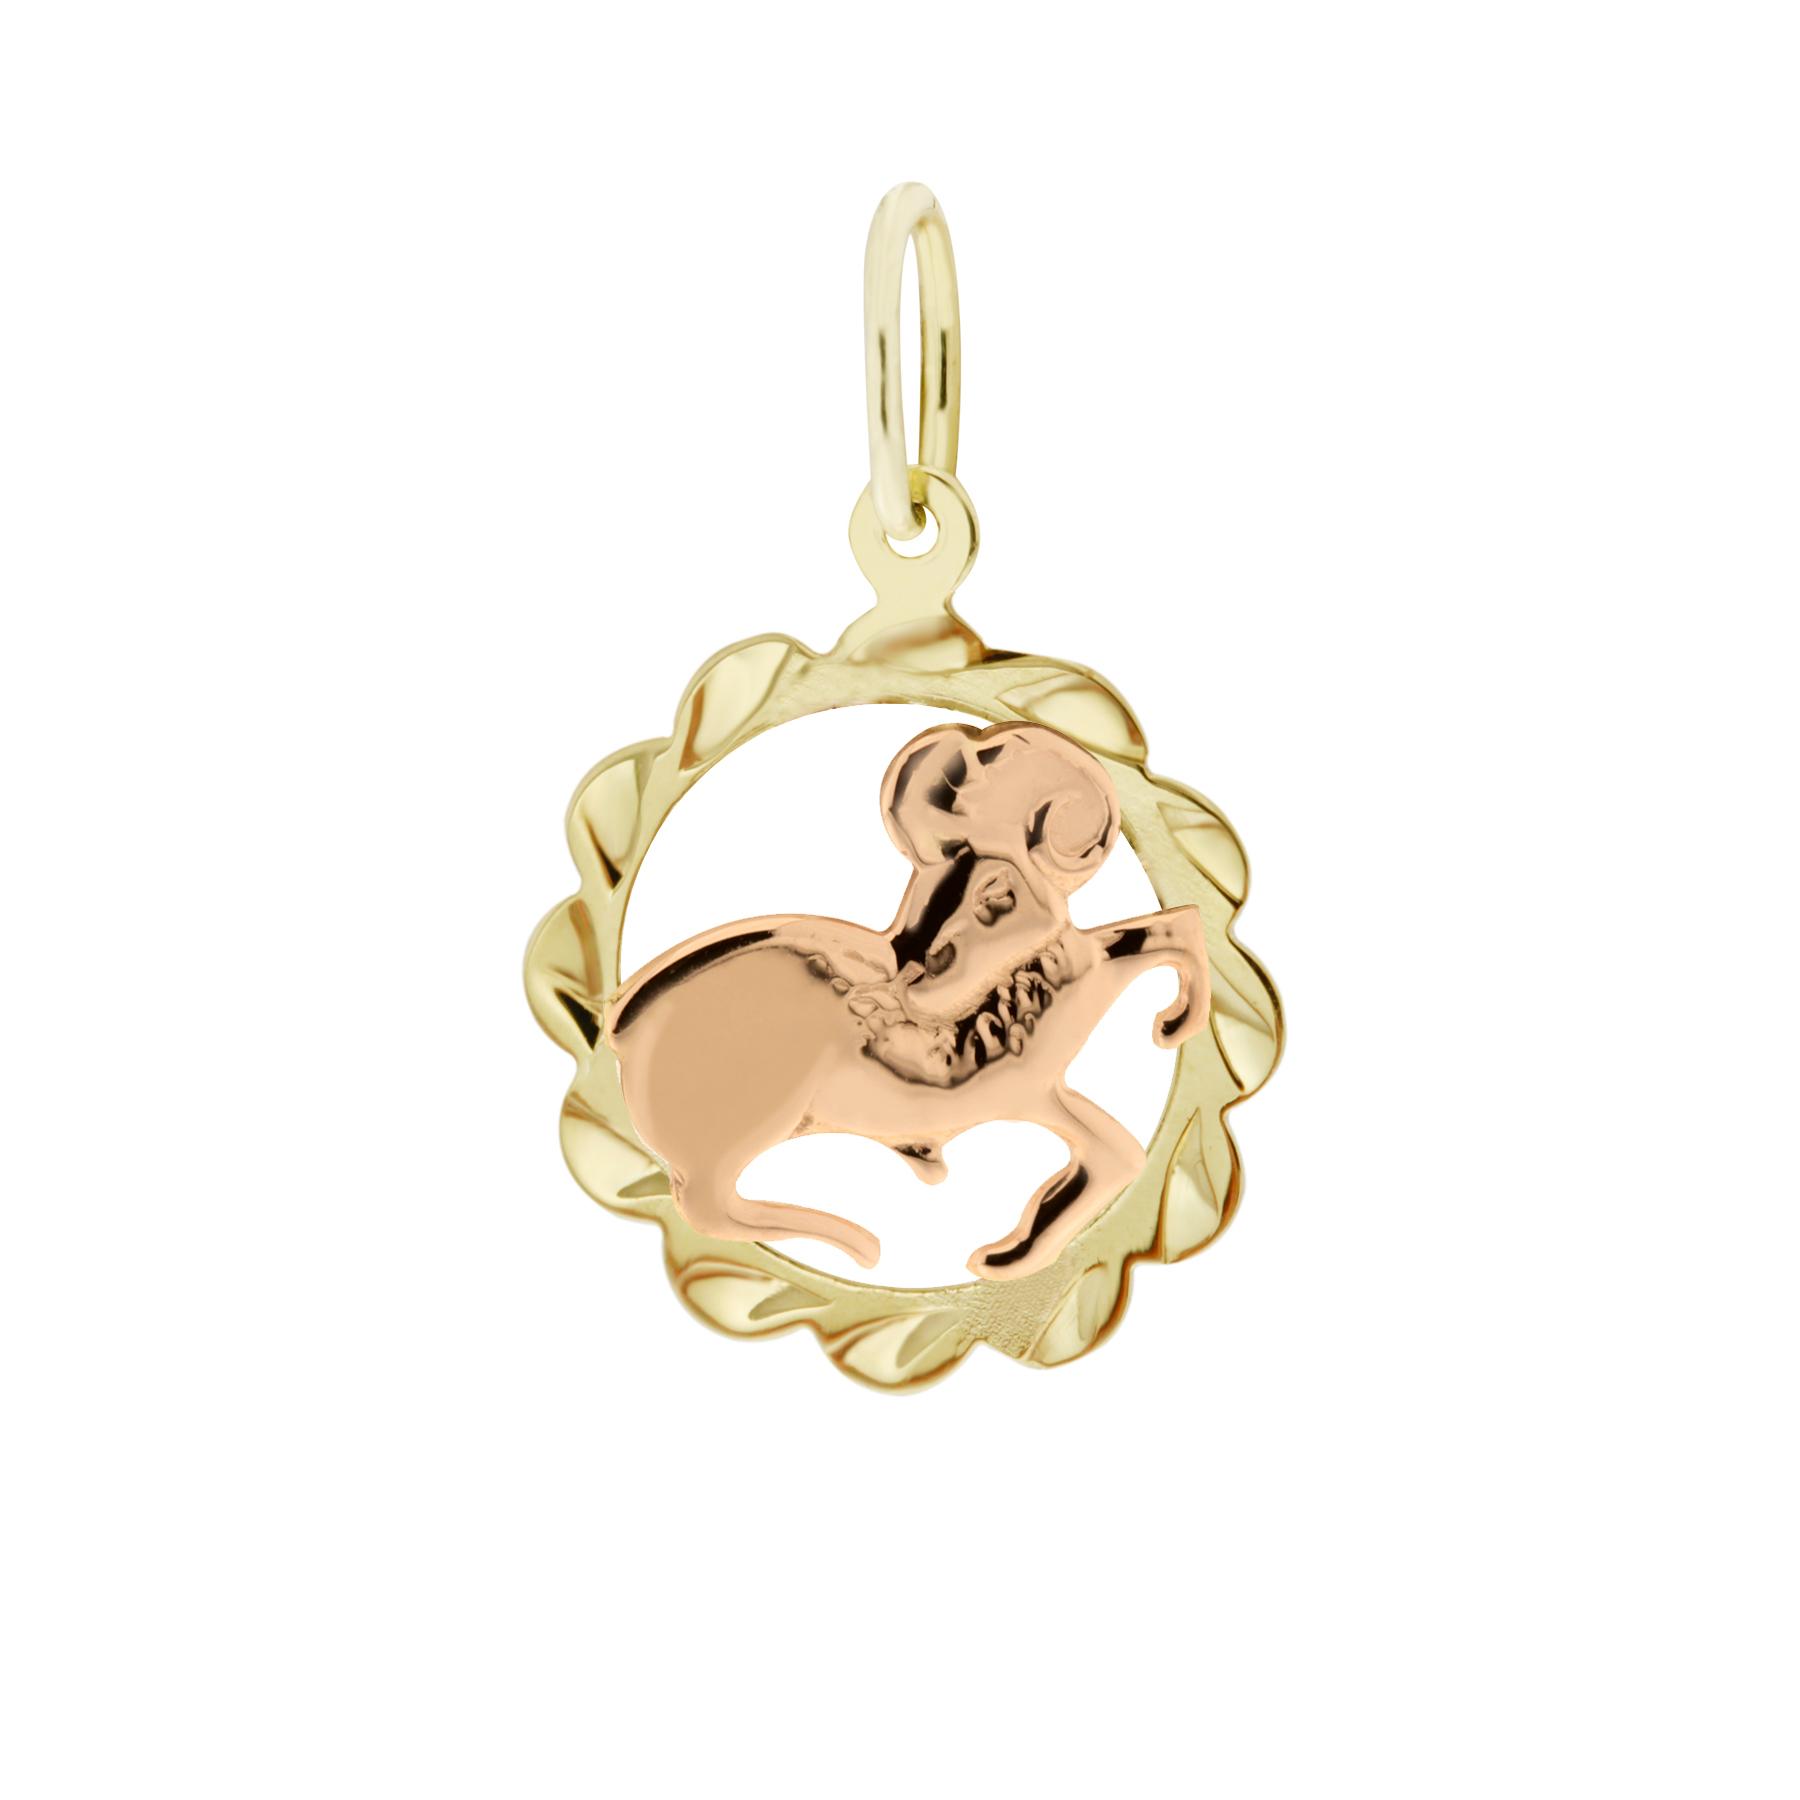 Zlatý přívěsek - znamení zvěrokruhu Beran Tvar: Kytička, rytý rámeček